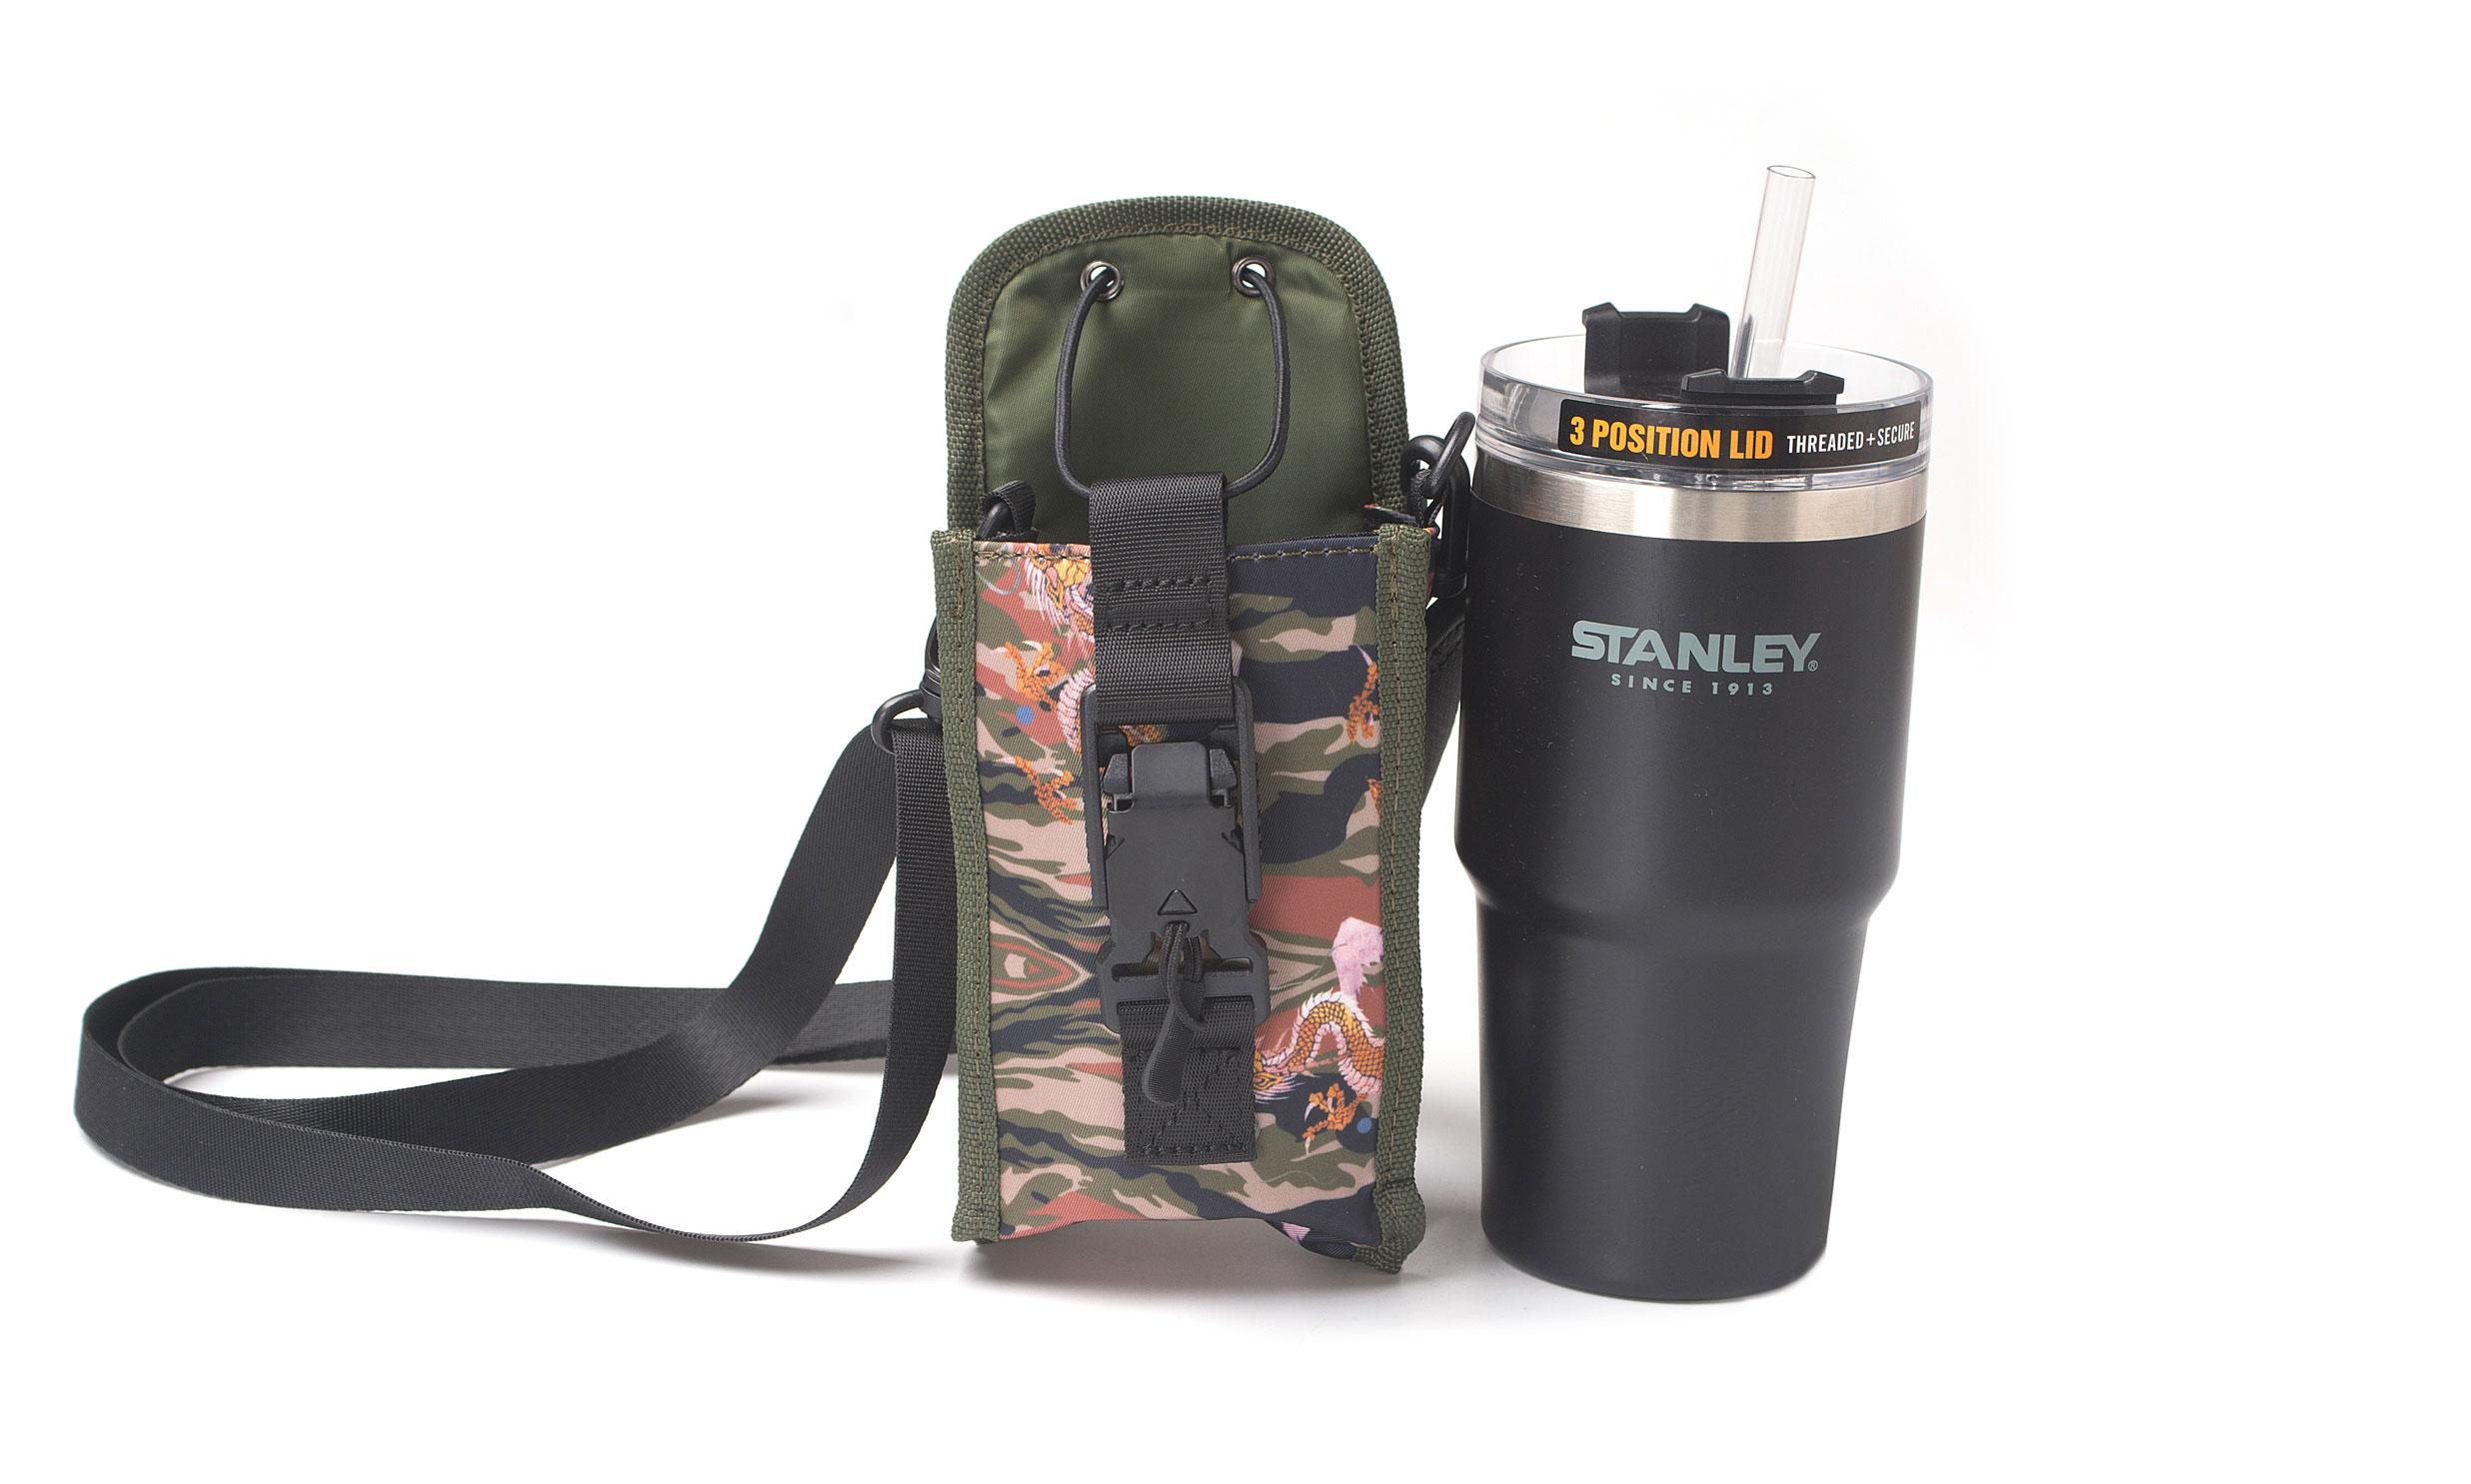 INXX 联手 Stanley 推出吸管杯